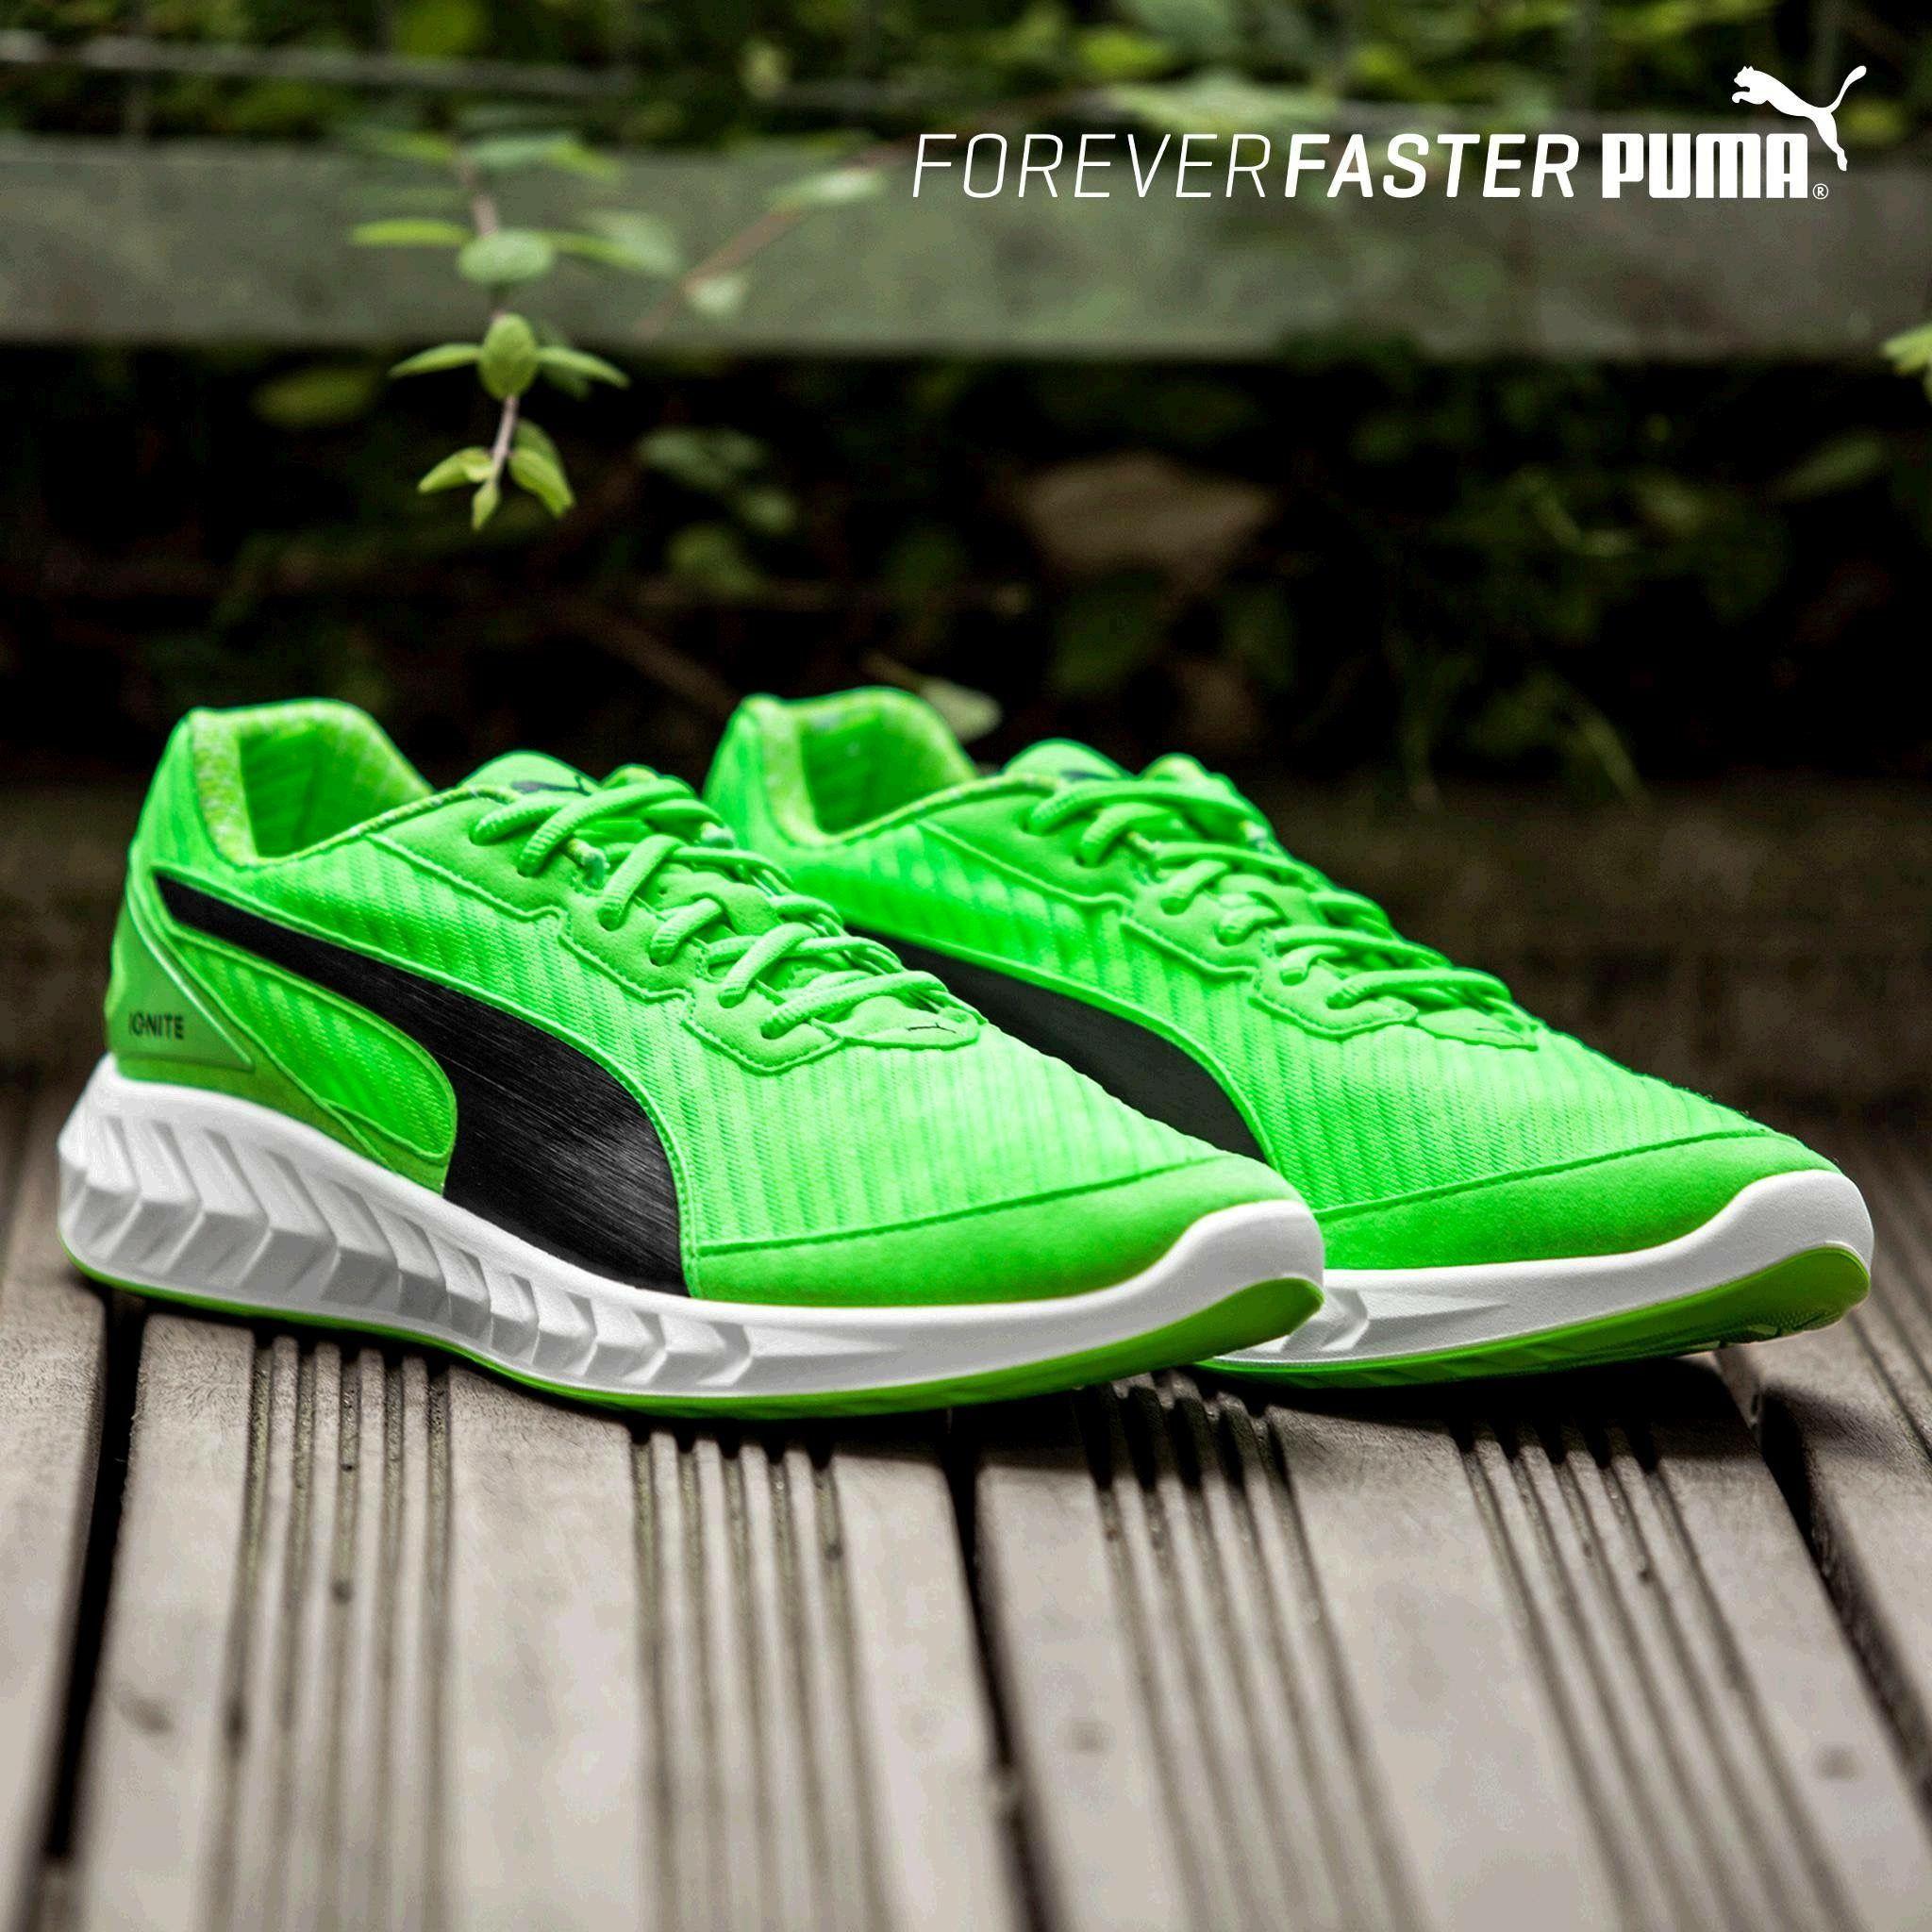 nike the run puma coaching shoes